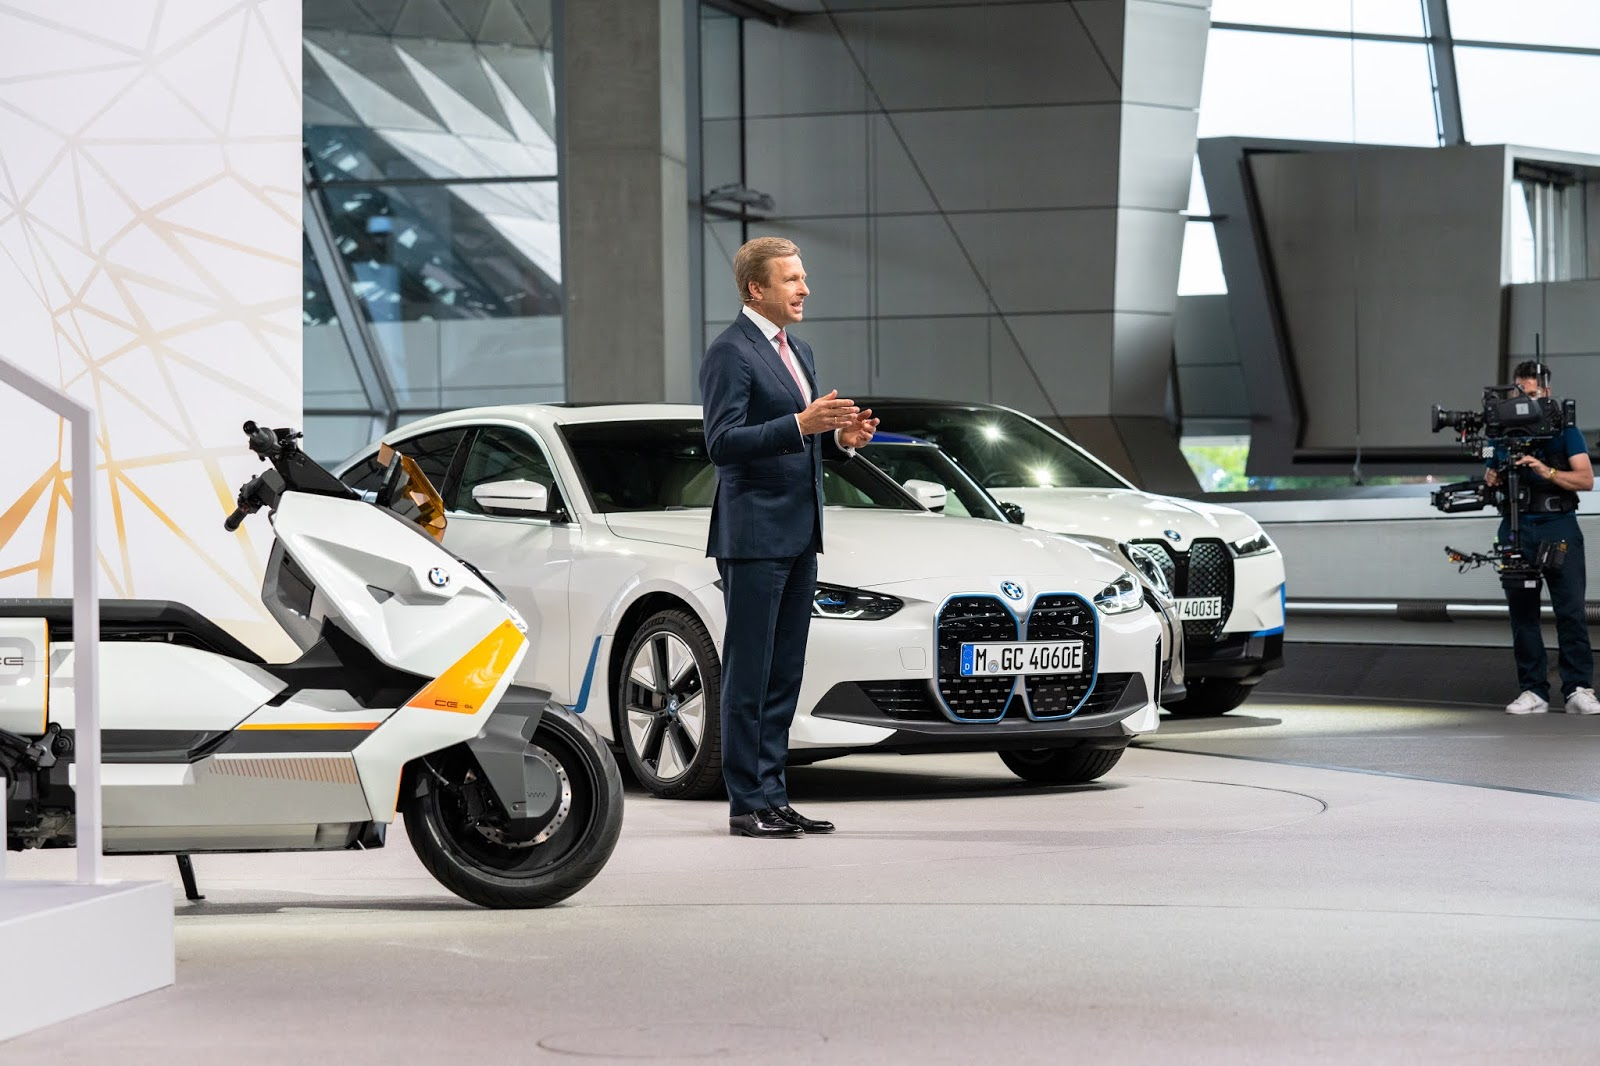 P90421676 highRes 1 BMW Group : Στοχεύει στη μείωση των εκπομπών CO2 του, κατά 200 εκατομμύρια τόνους μέχρι το 2030